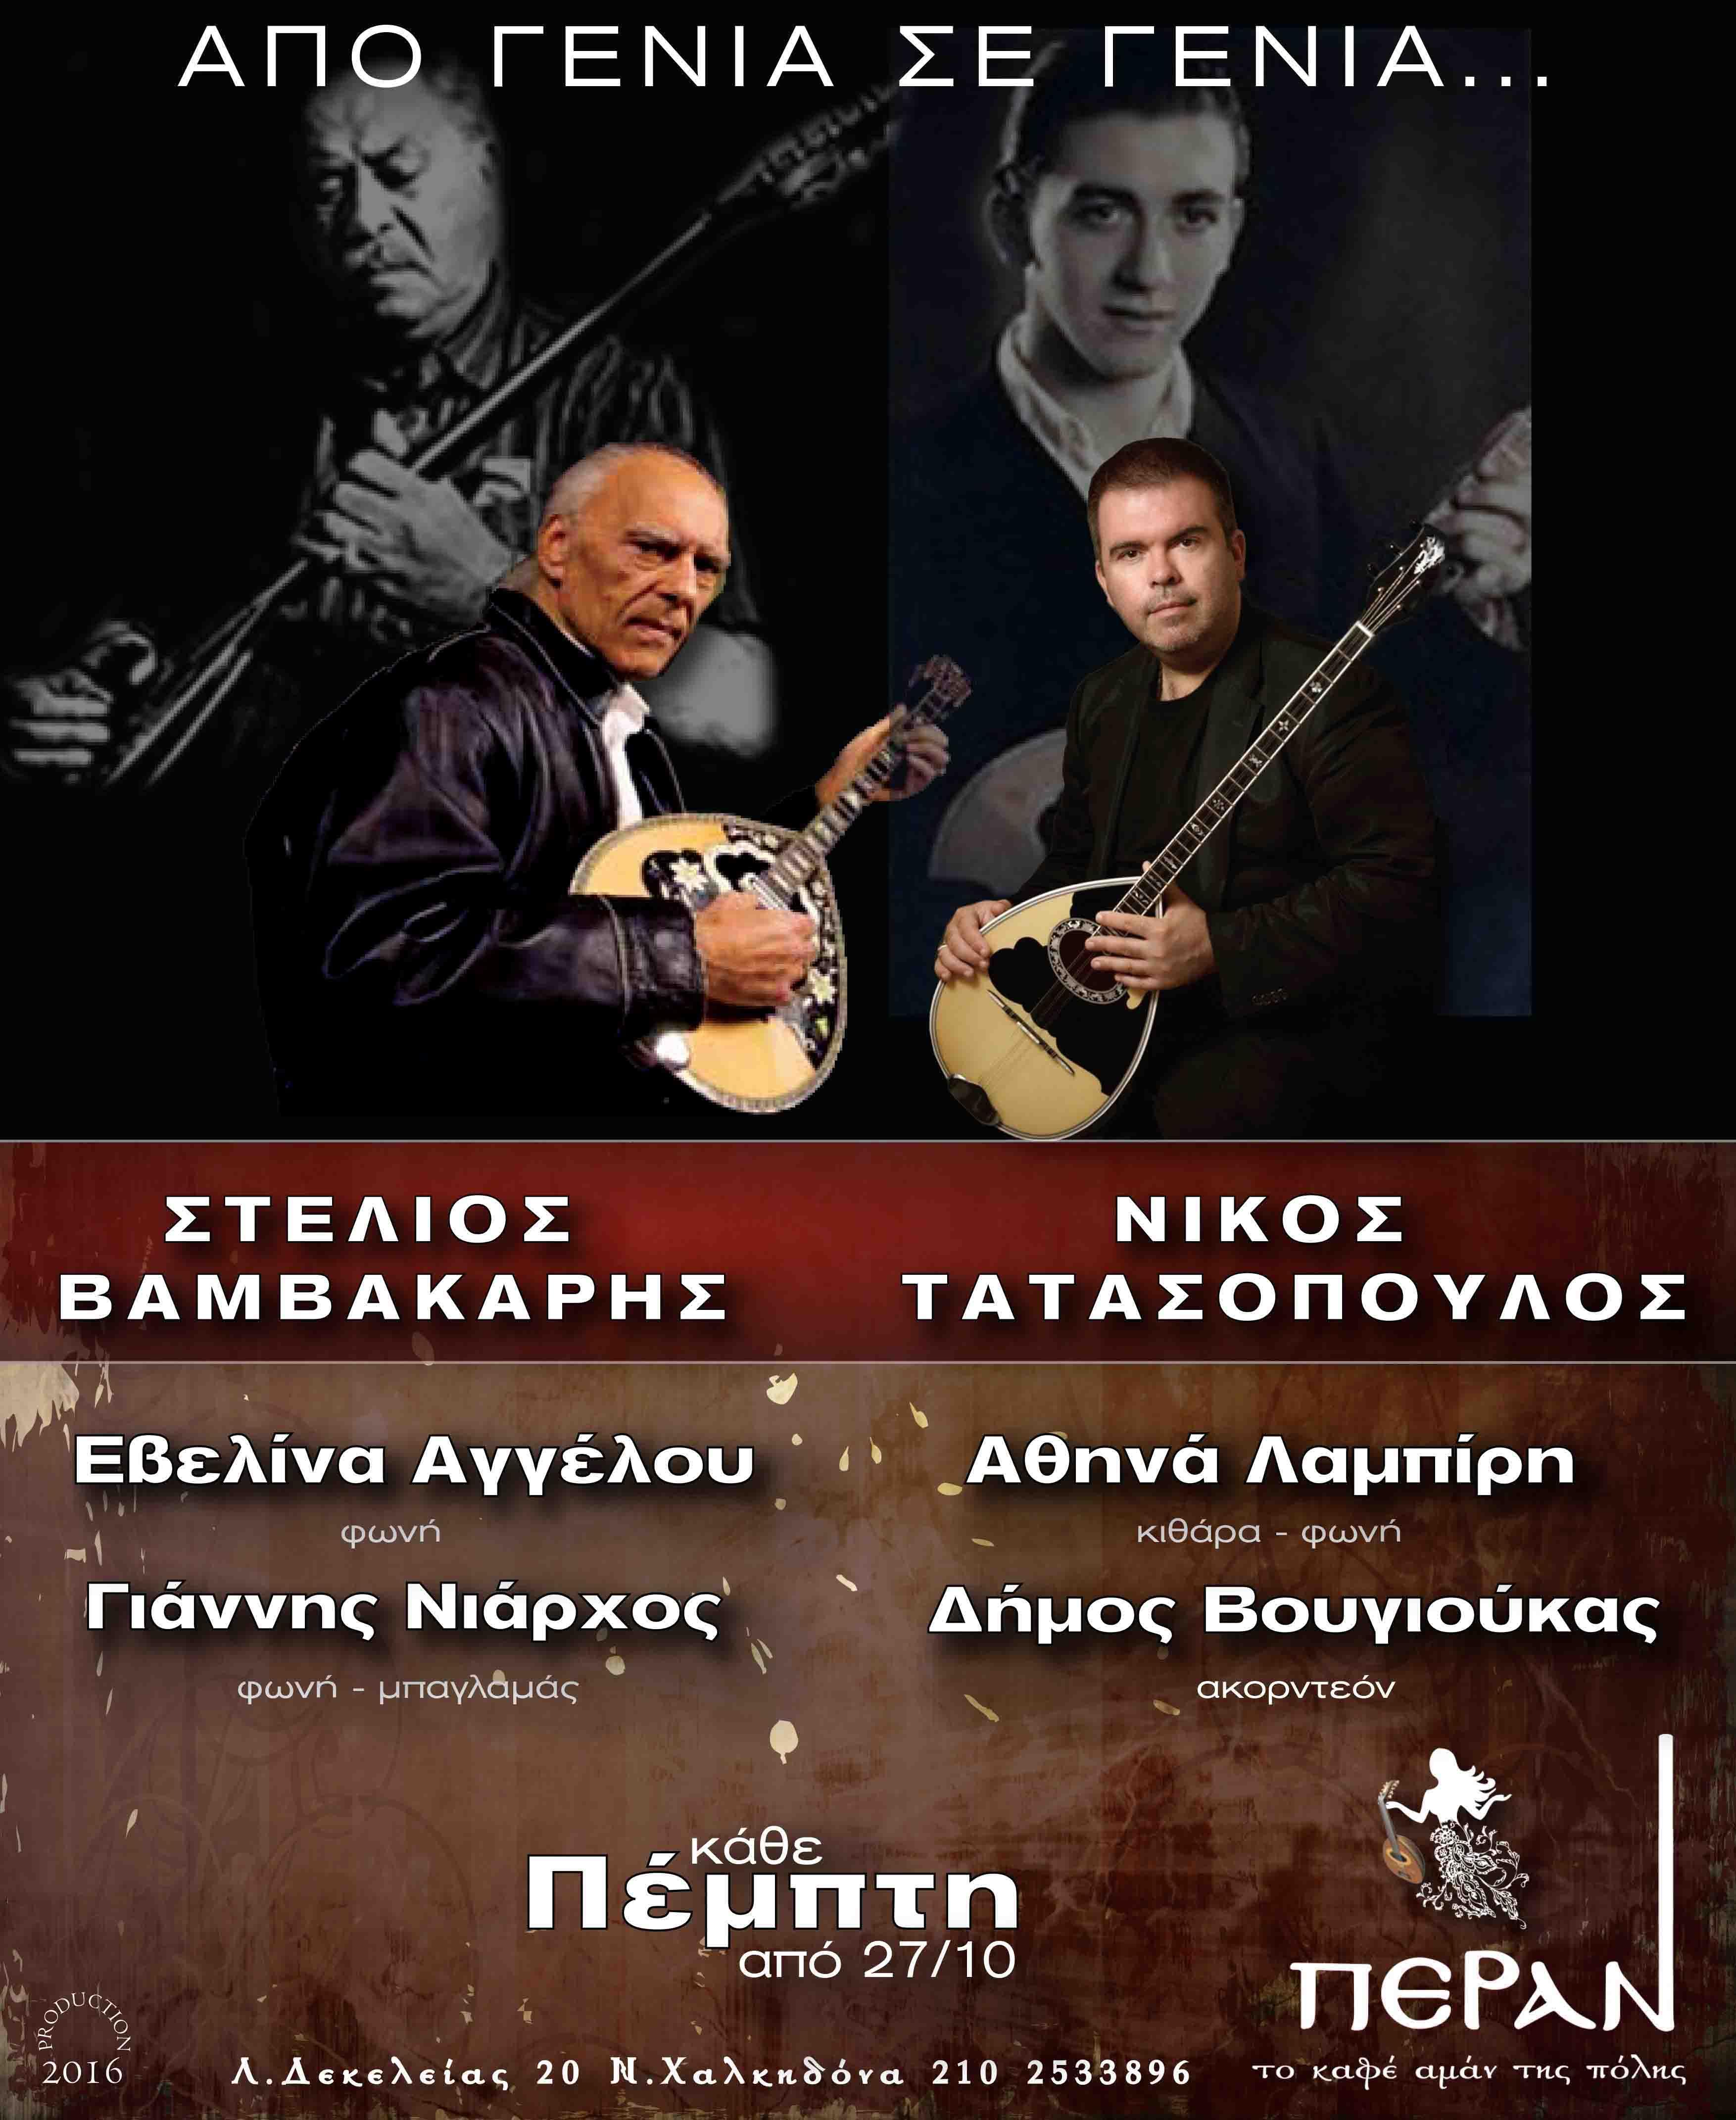 VAMVAKARIS-TATASOPOYLOS